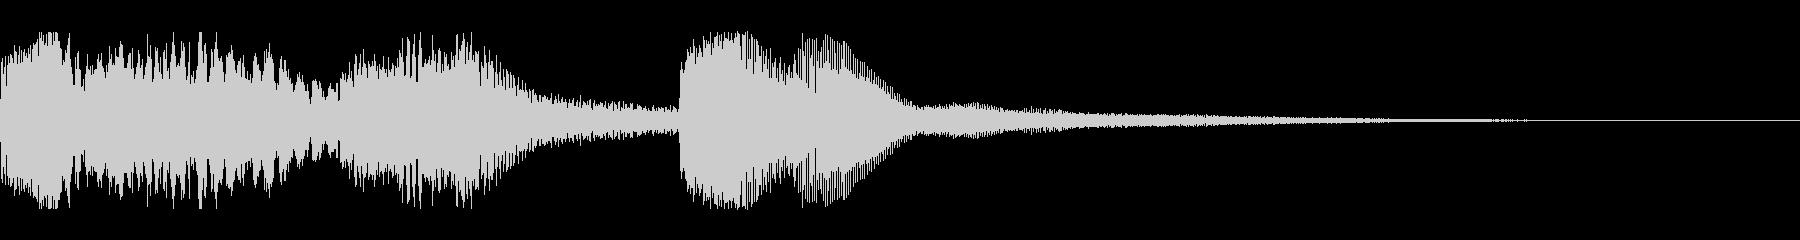 特殊シンボル払い出し音の未再生の波形